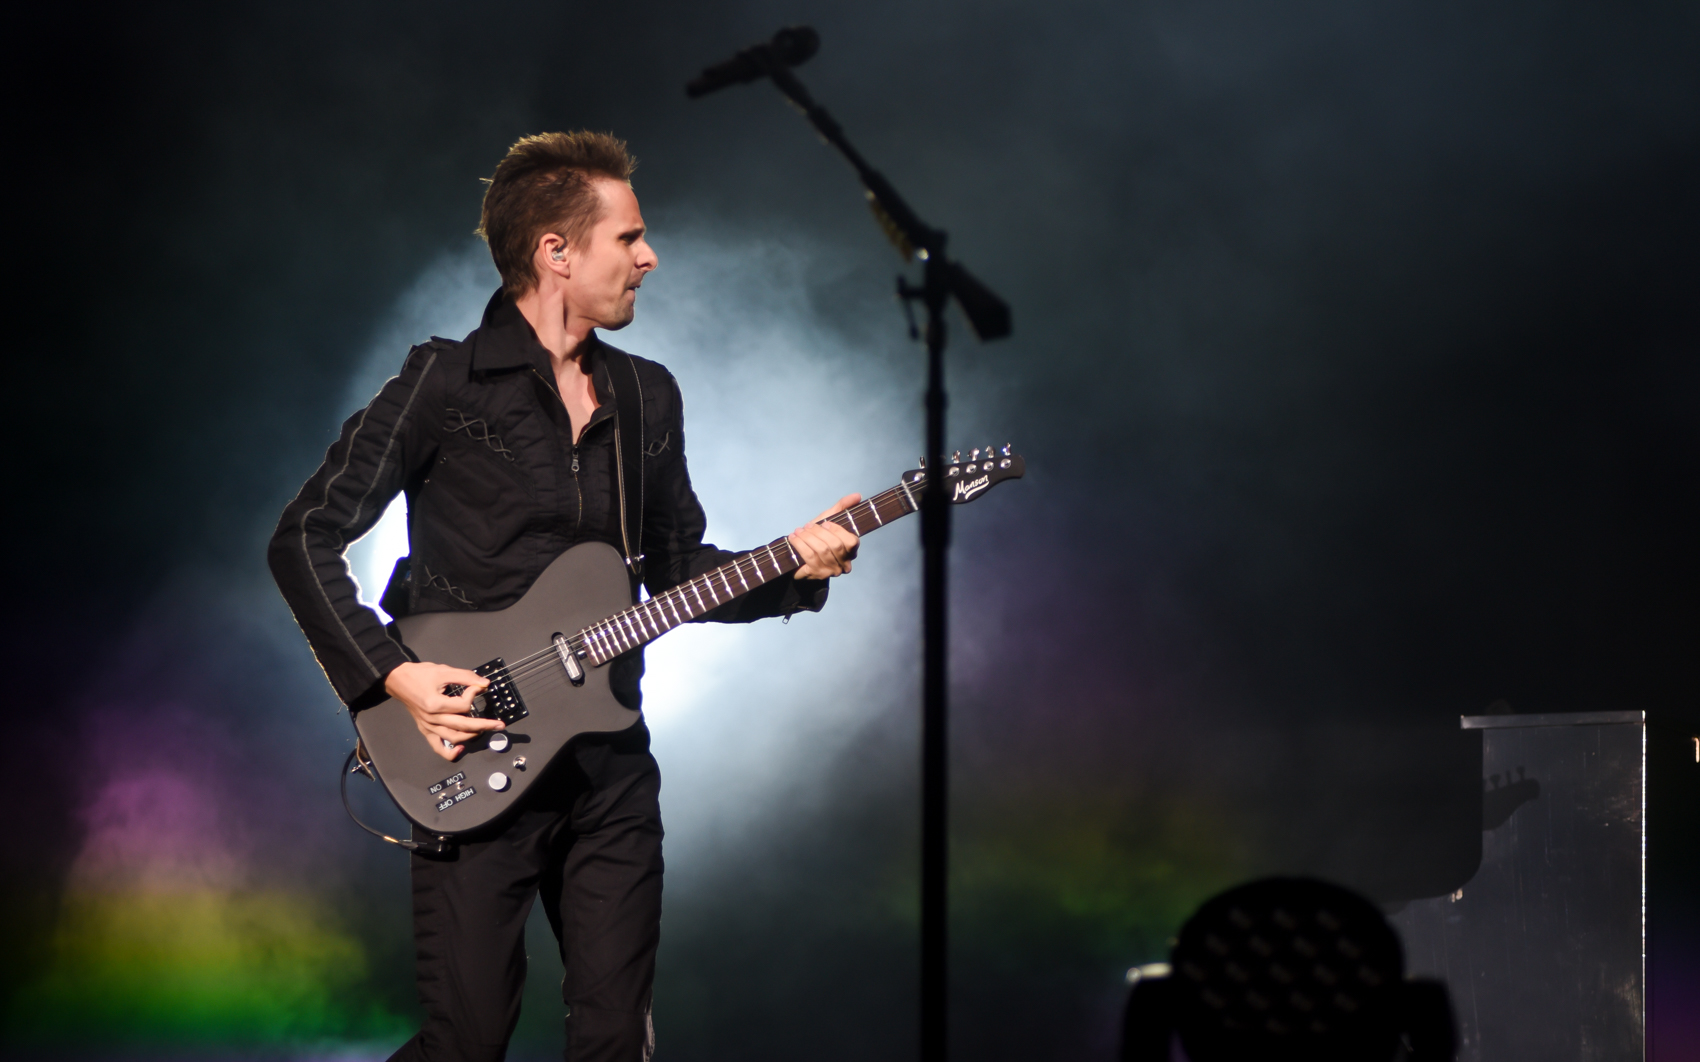 Banda britânica Muse em apresentação em São Paulo neste sábado (24), no Allianz Parque